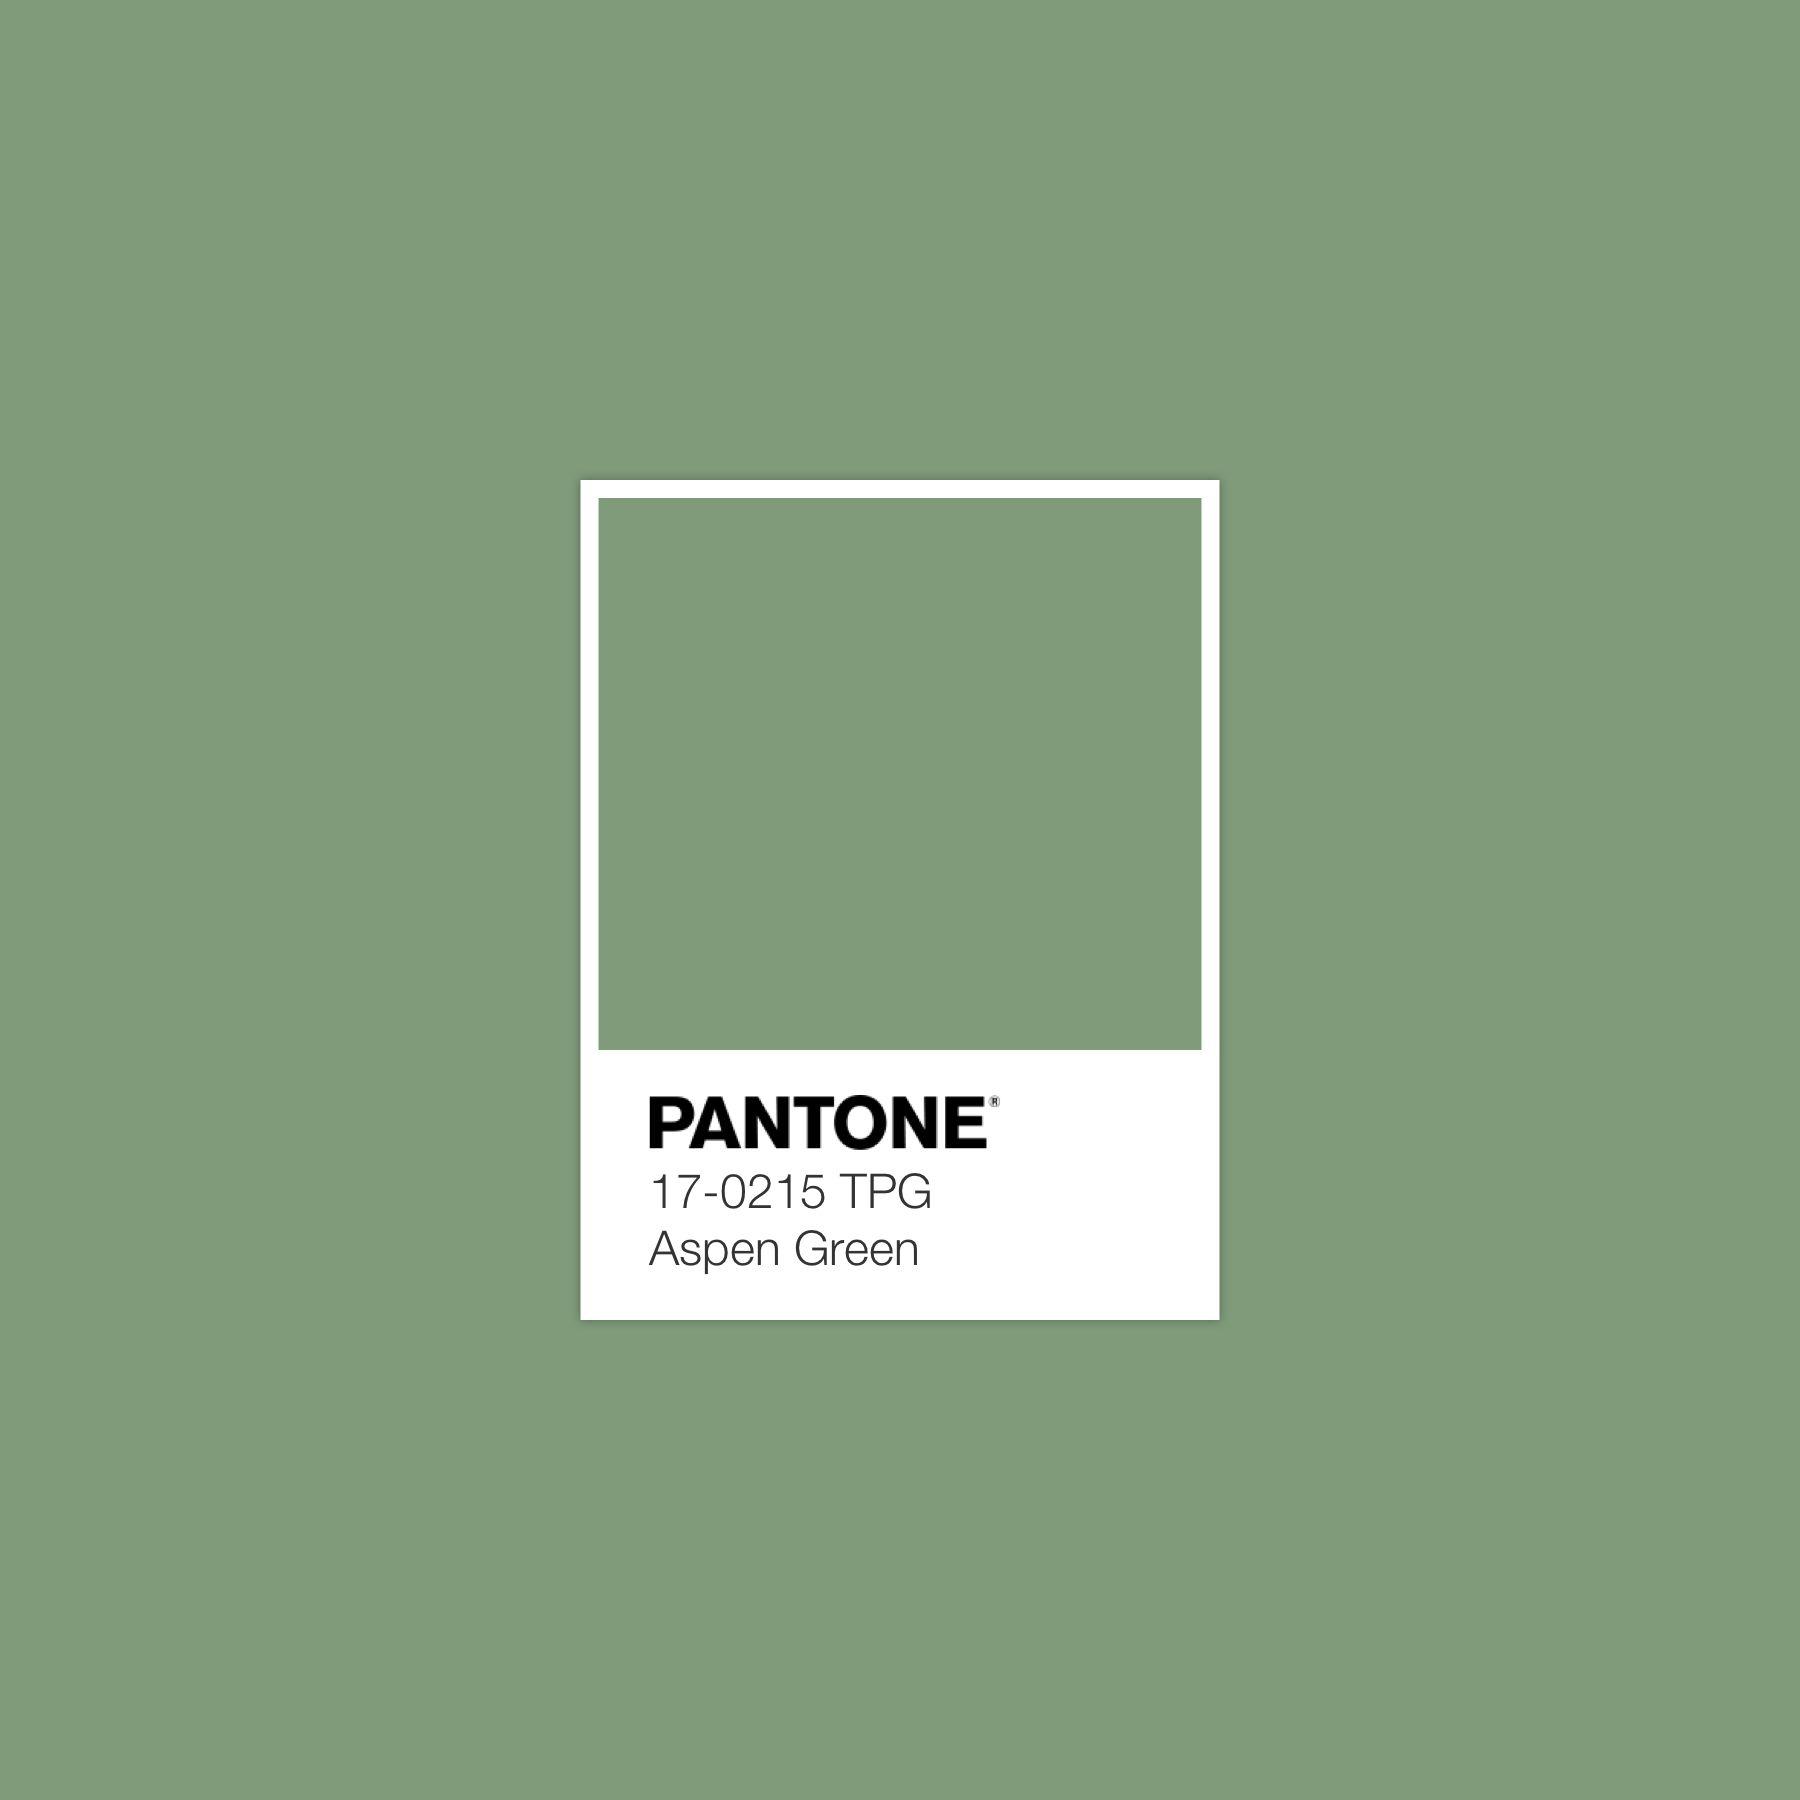 56. Pantone 17-0215